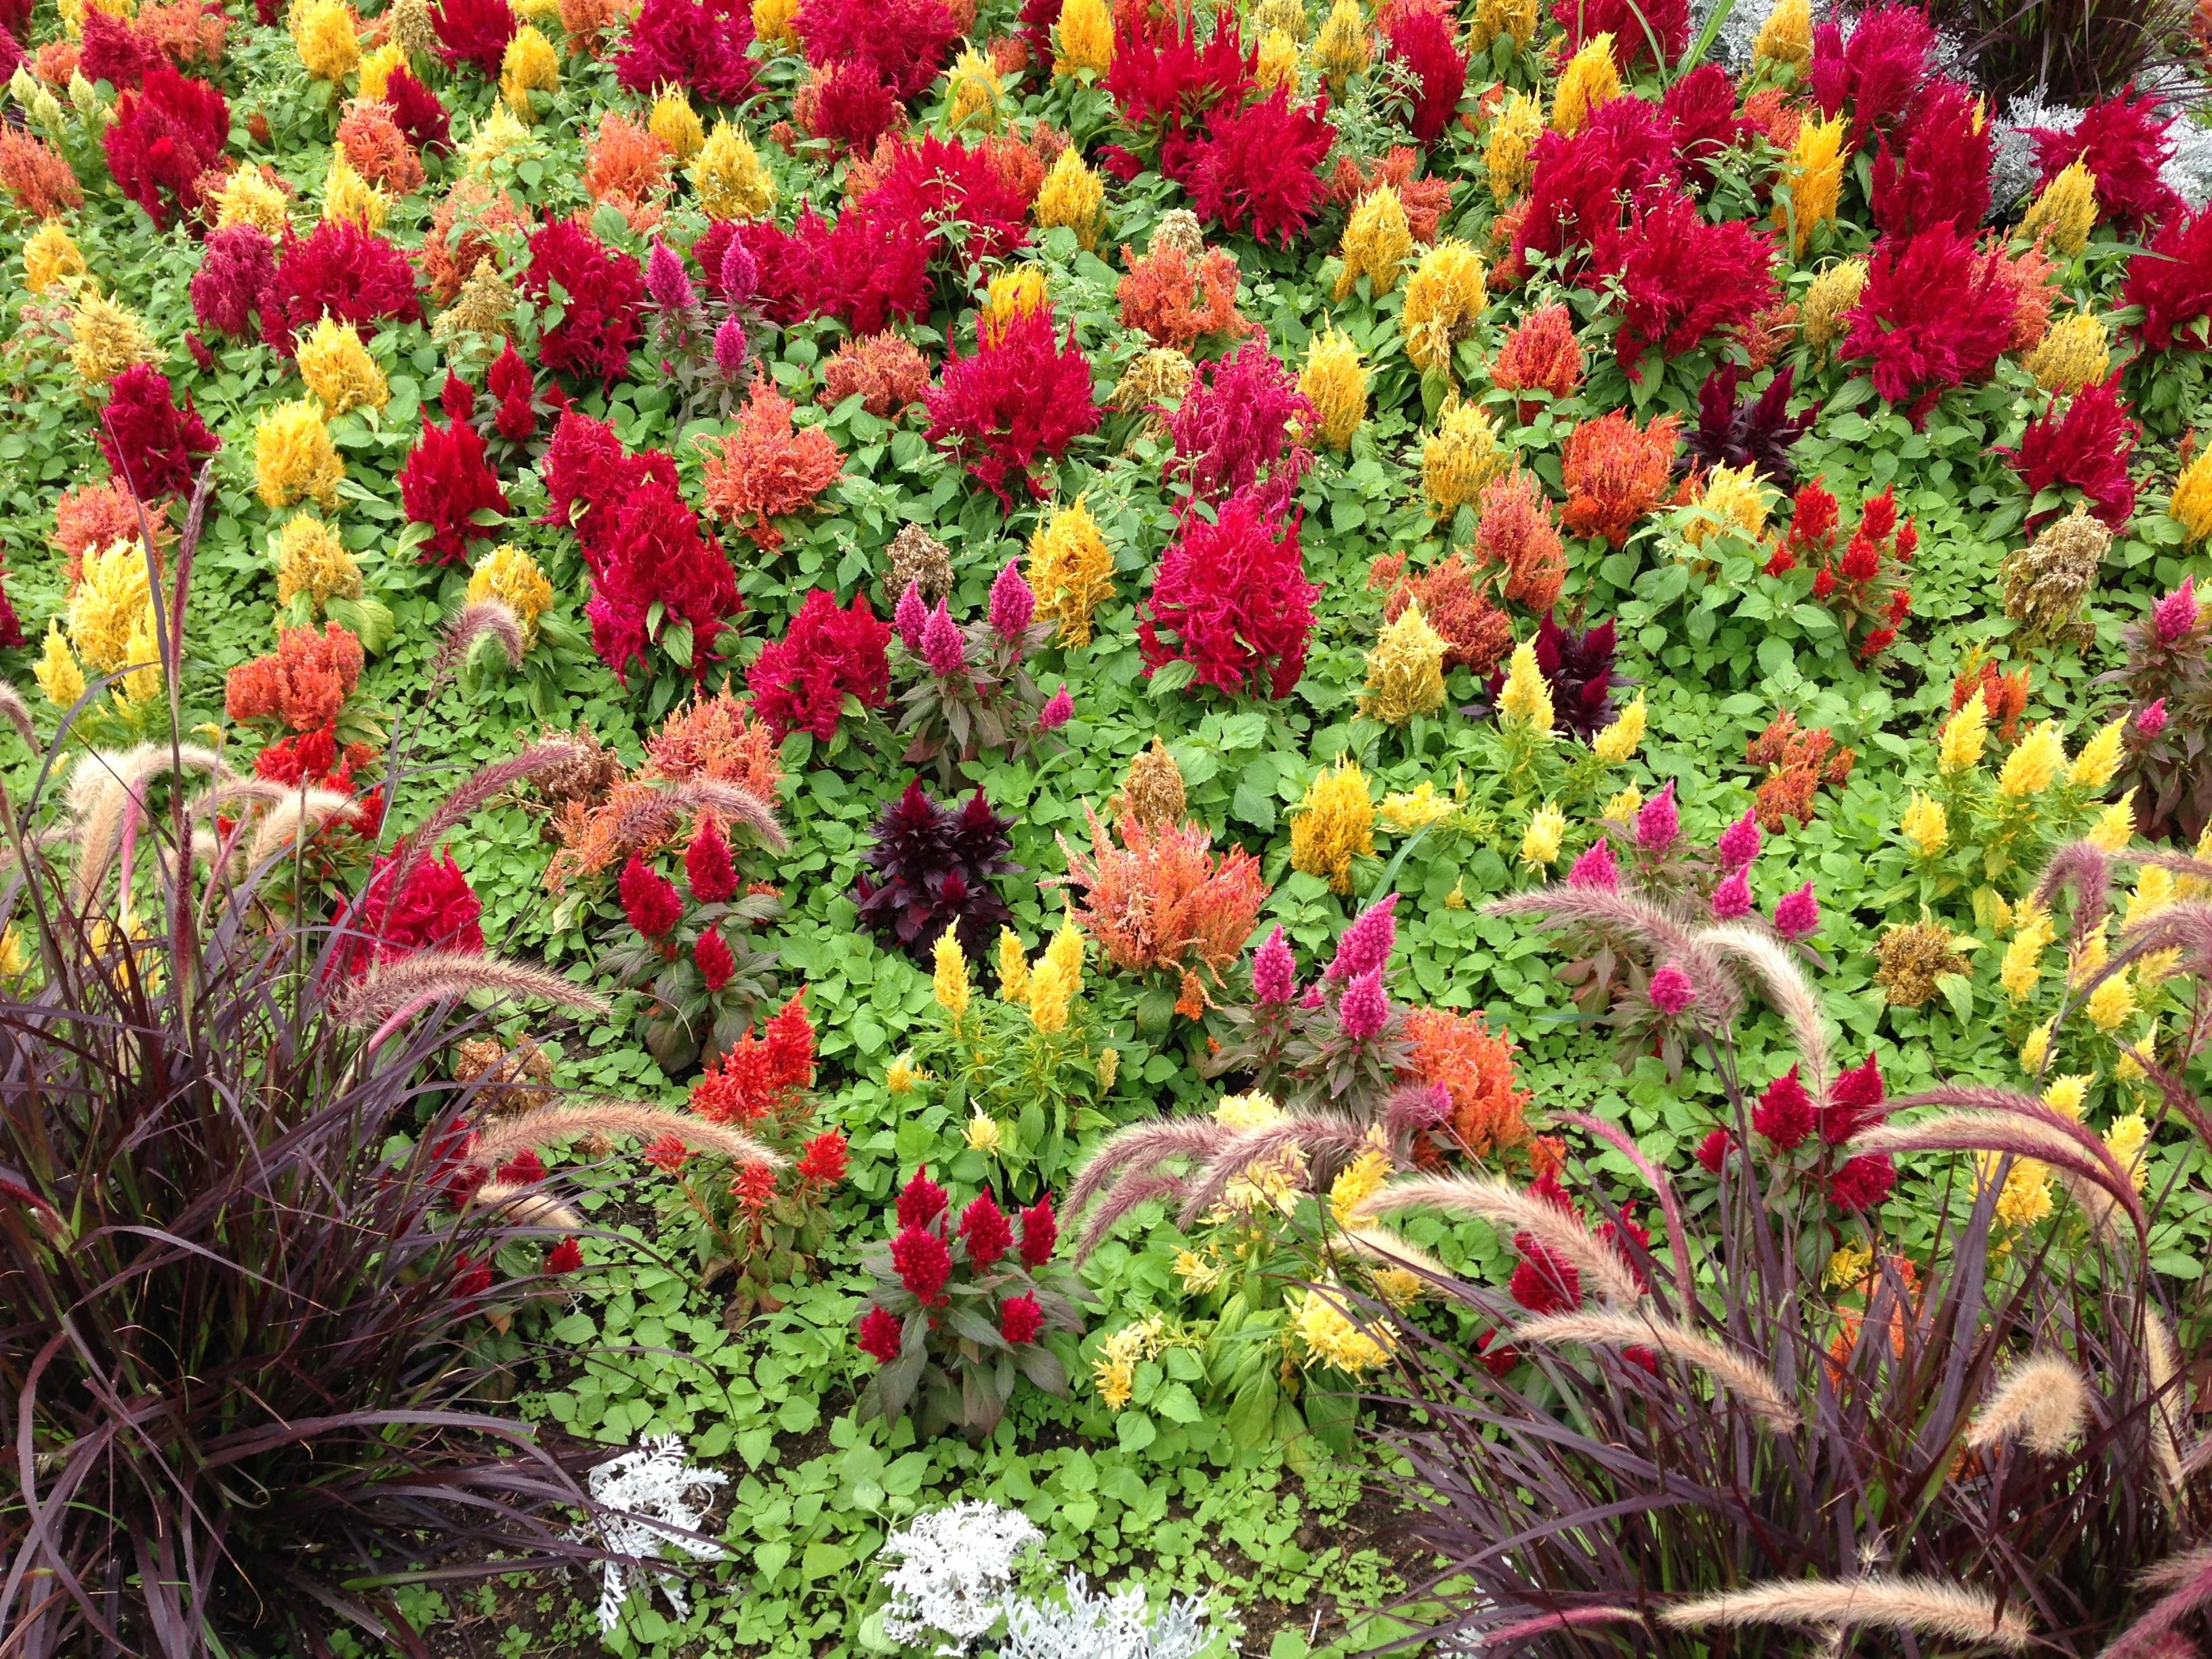 Gratis billeder : natur, blomst, rød, urt, farve, botanik, gul, have ...